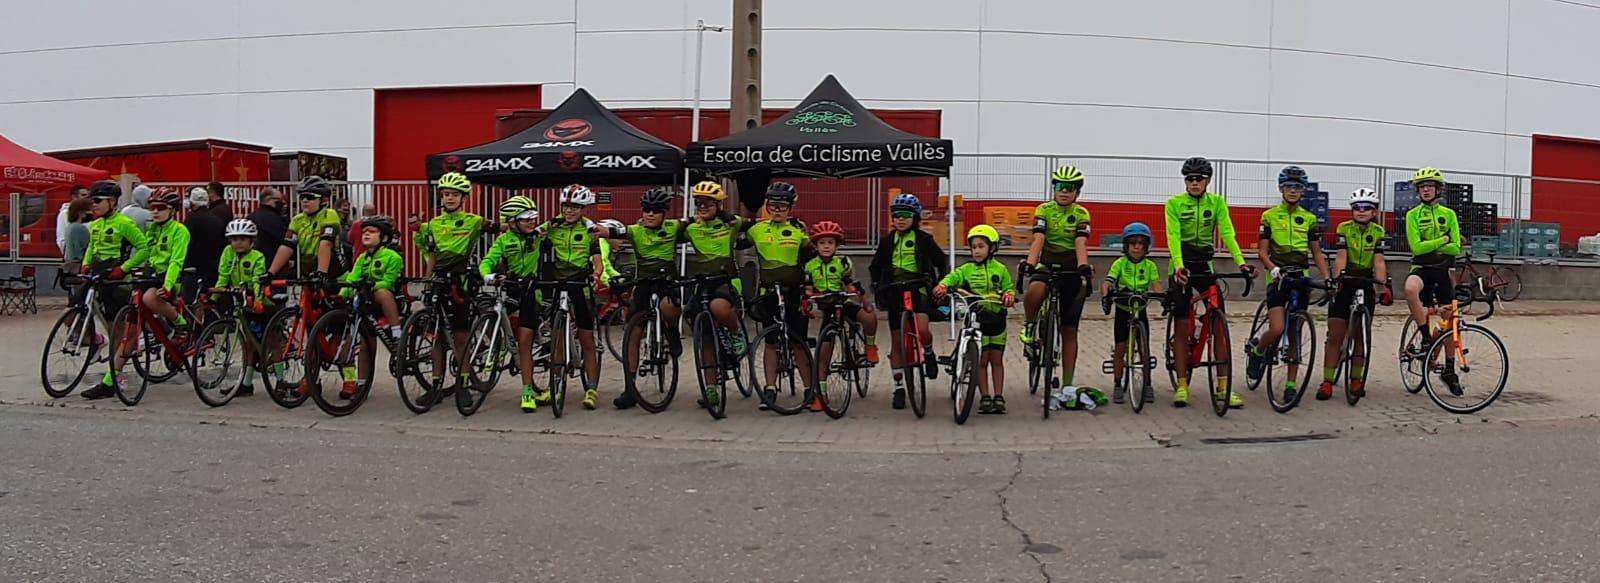 Els i les participants a la cursa de Sant Boi, que va marcar el final de la temporada | Escola de Ciclisme Vallès